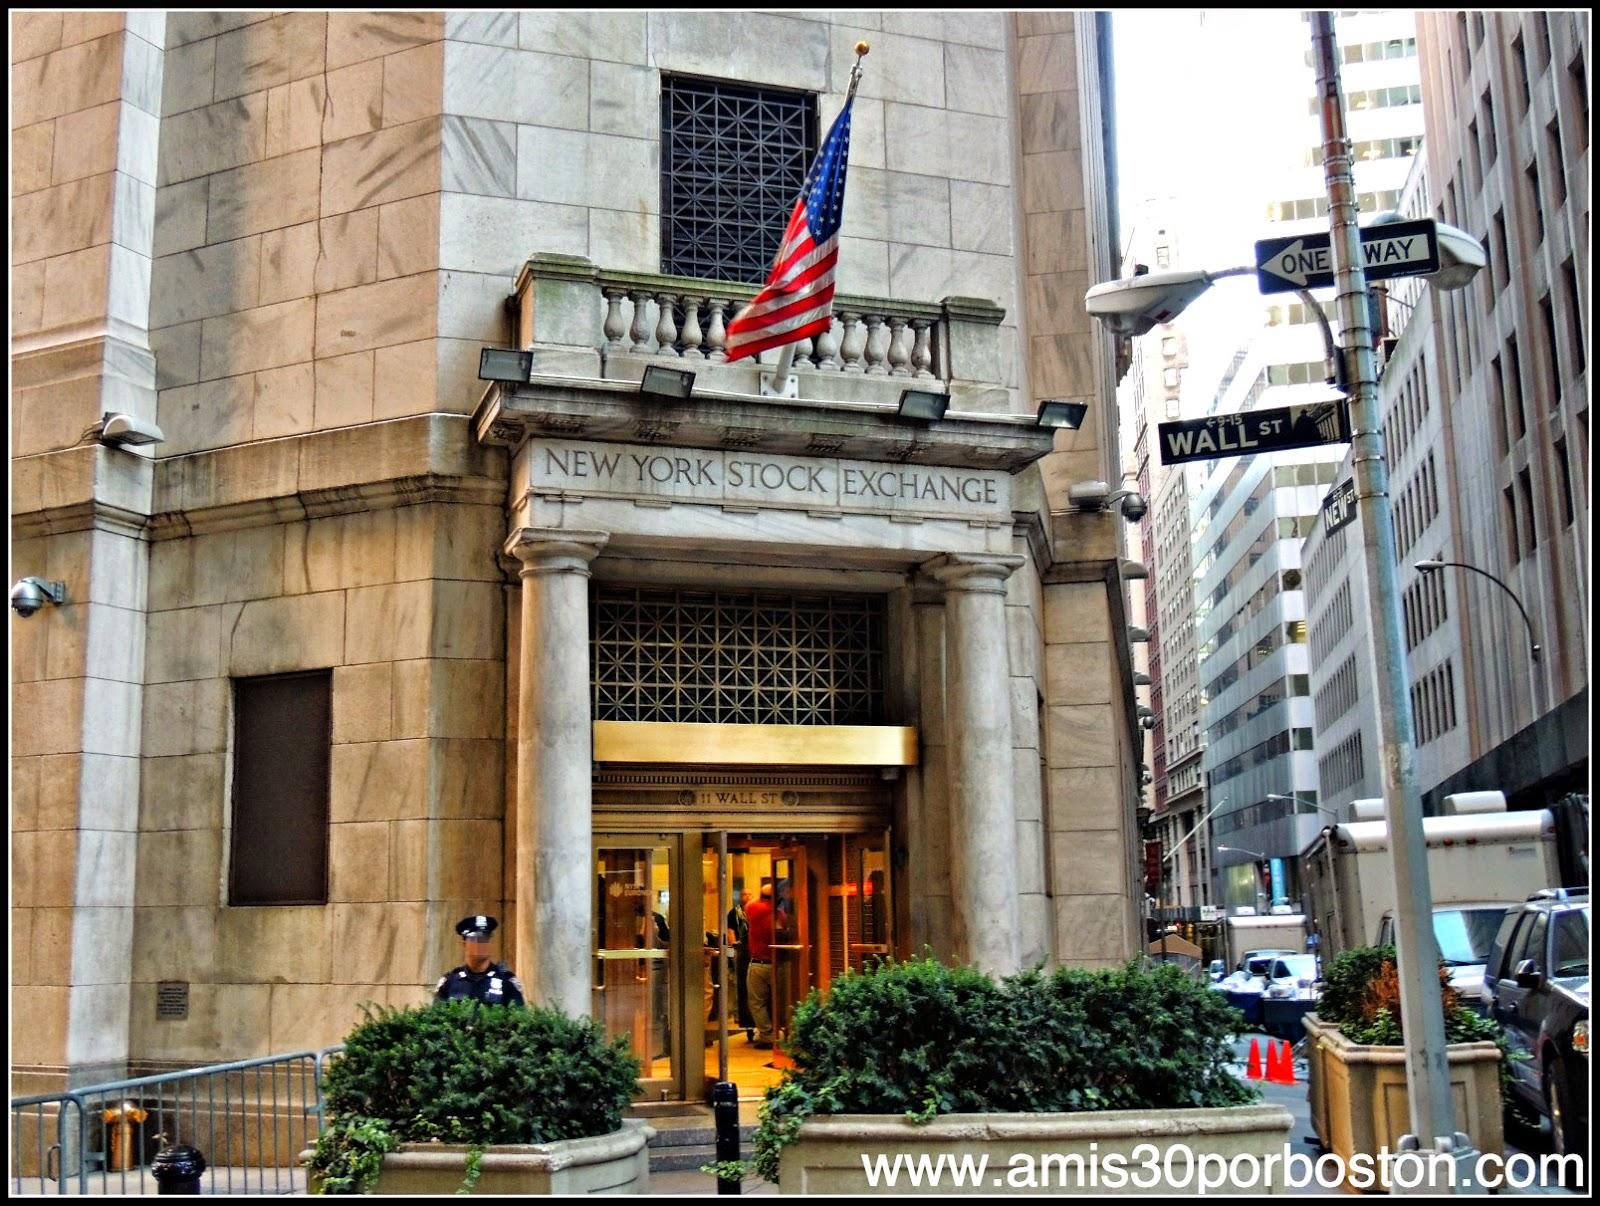 Segunda Visita a Nueva York: La Bolsa